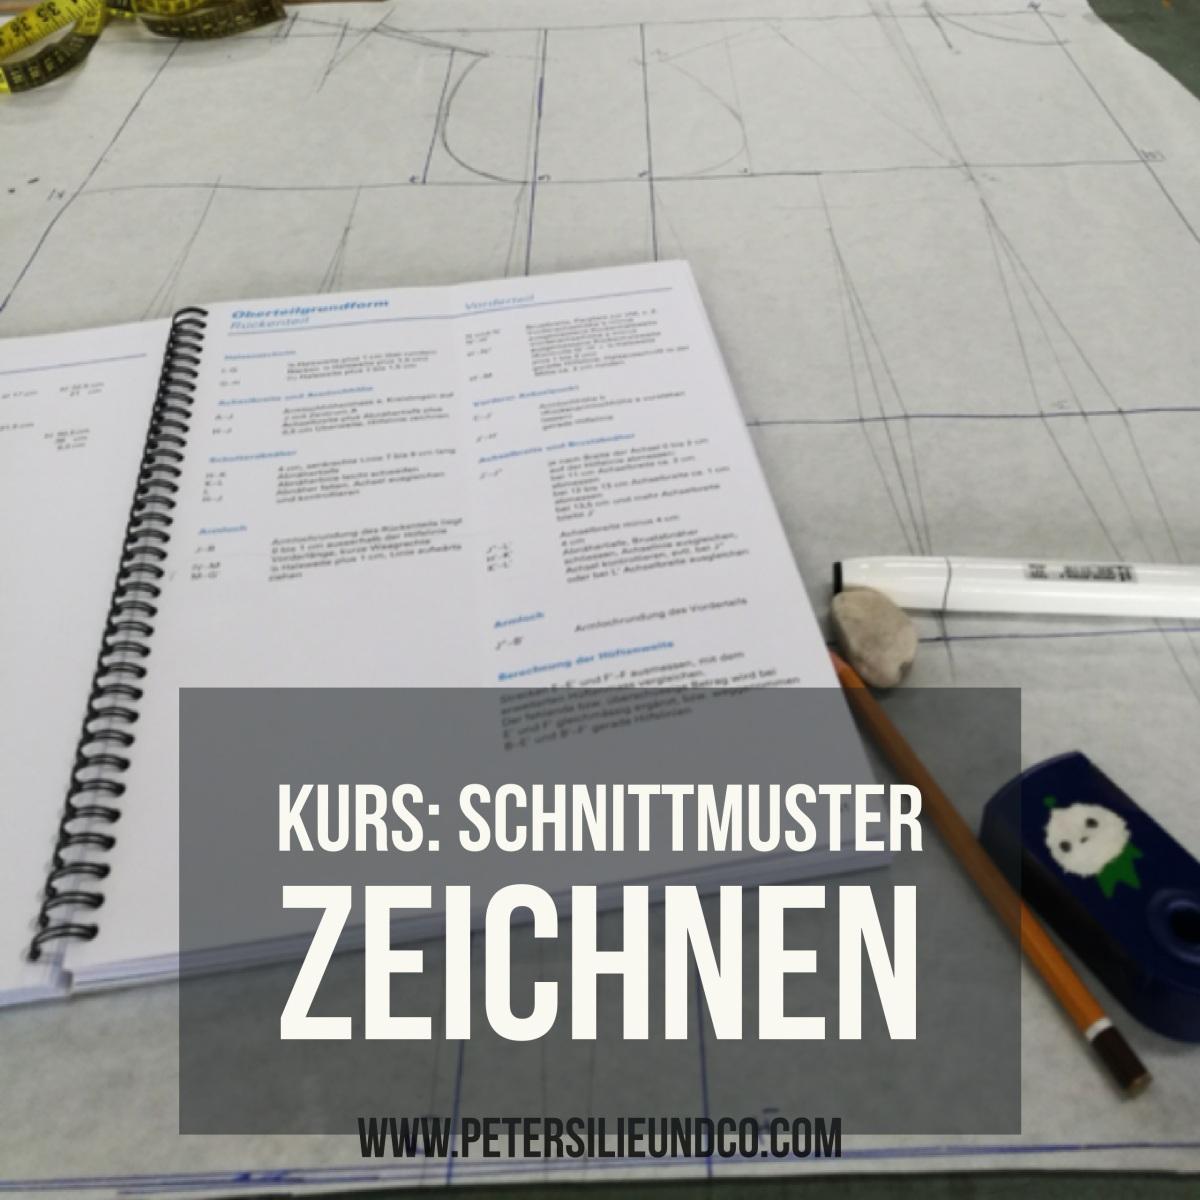 Schnittmusterzeichnen Workshop – Eine Erfahrung – PeterSilie & Co